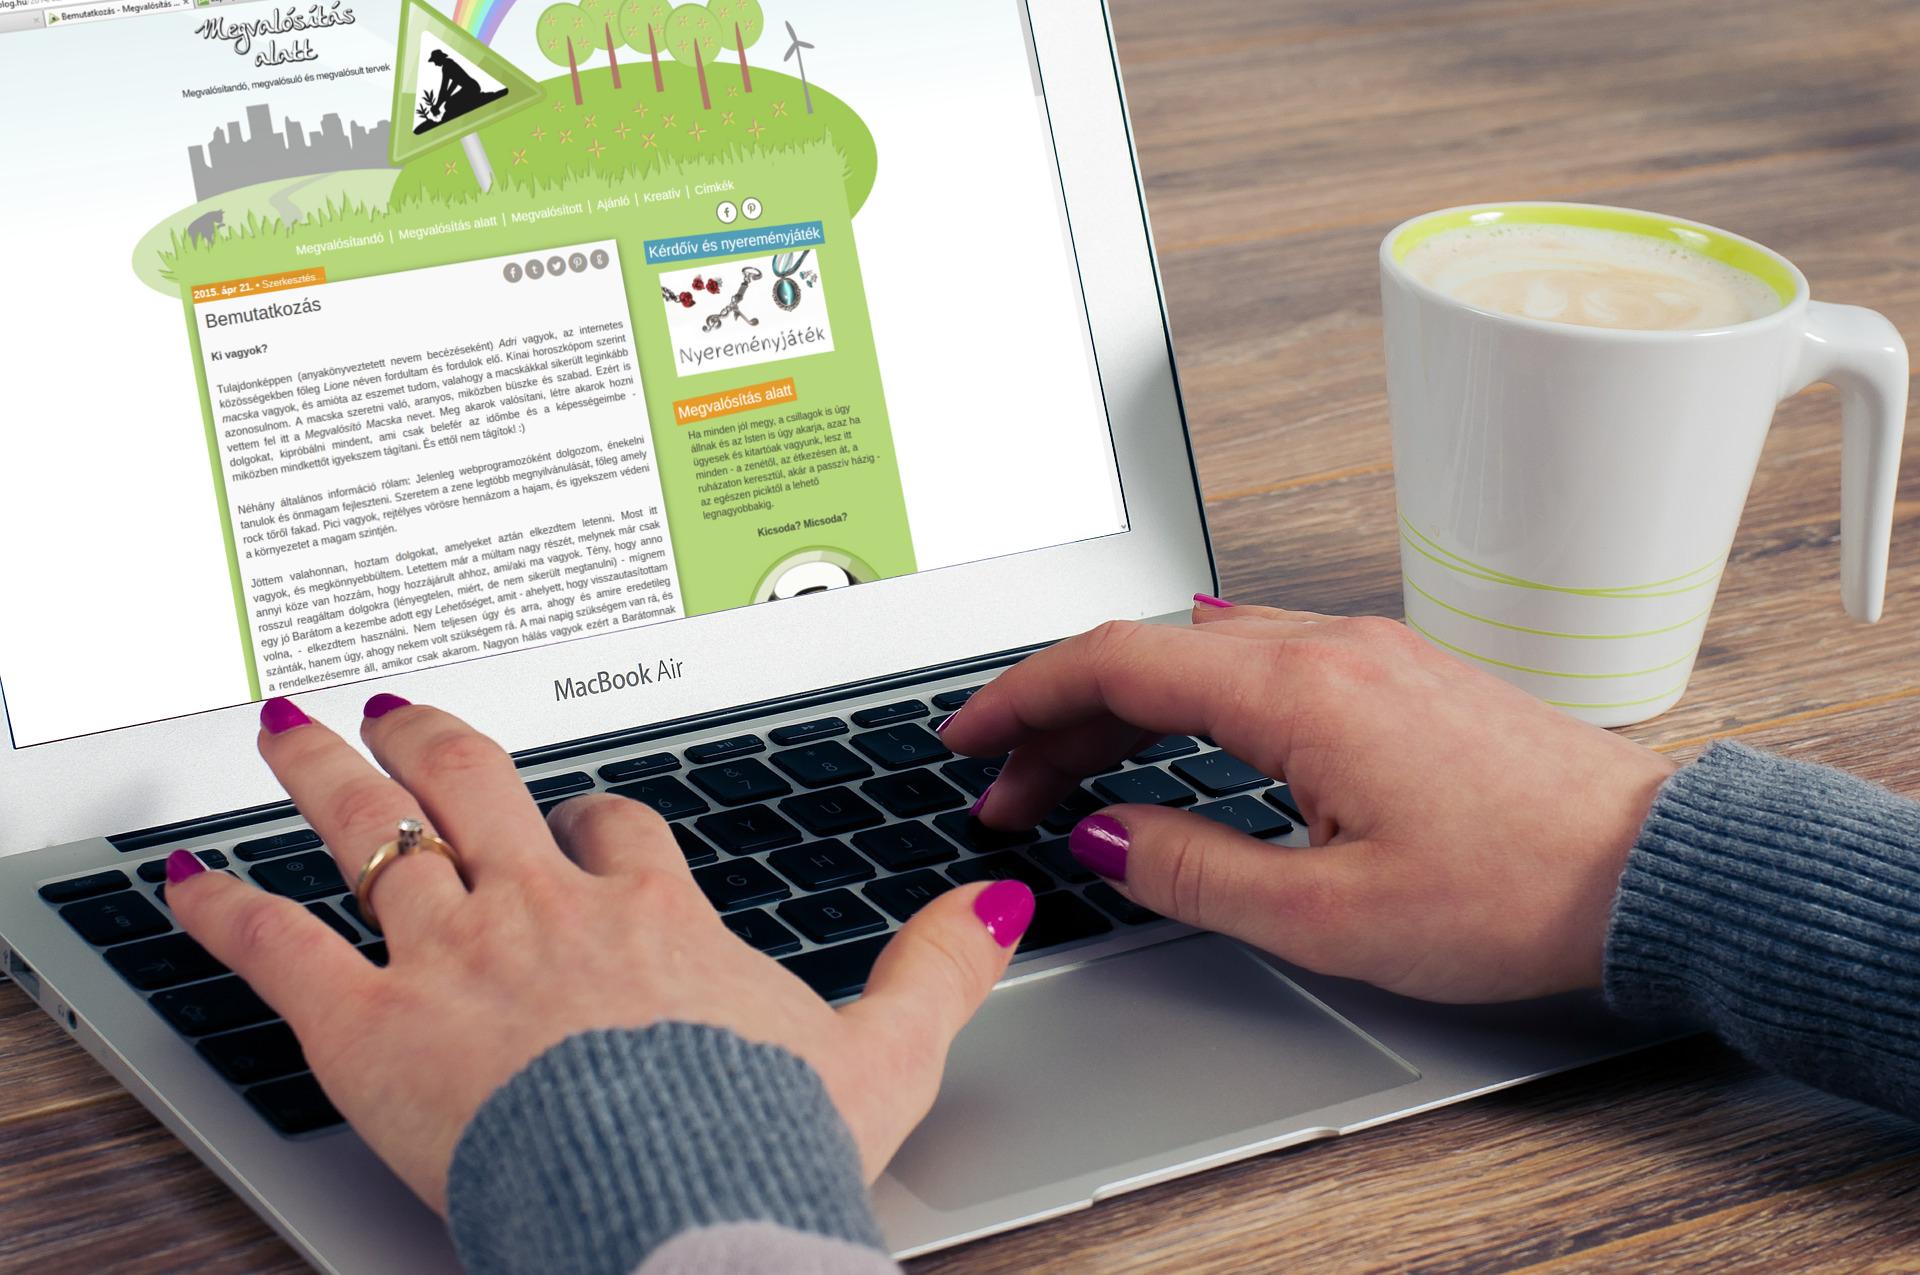 Ajánló: Miért jó blogokat olvasni?